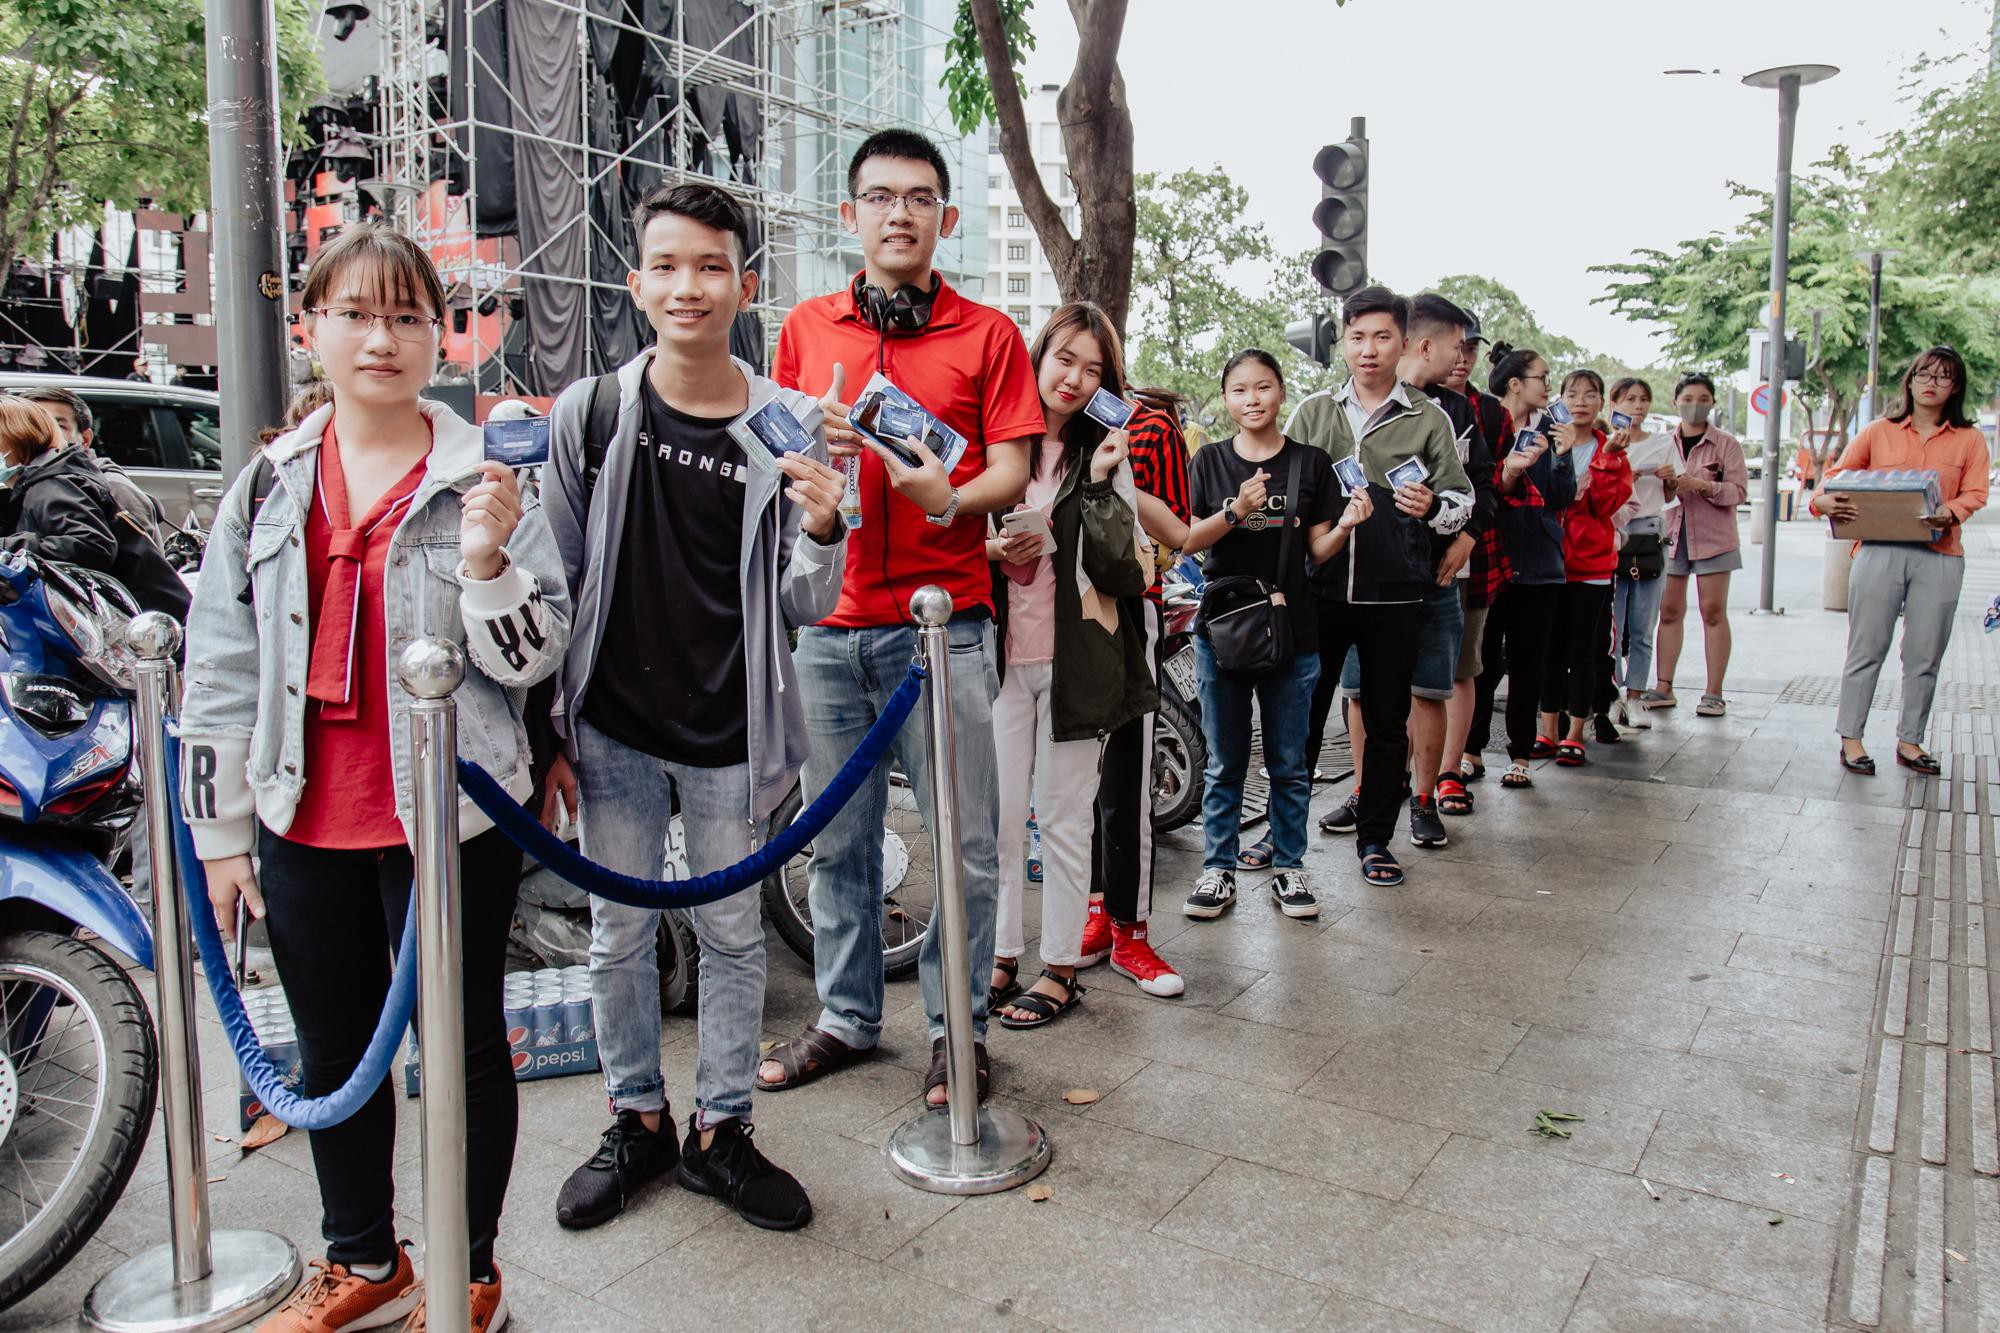 Mặc trời nắng oi ả, hàng trăm bạn trẻ Sài thành kiên nhẫn xếp hàng đổi vé Sky Tour - Ảnh 7.